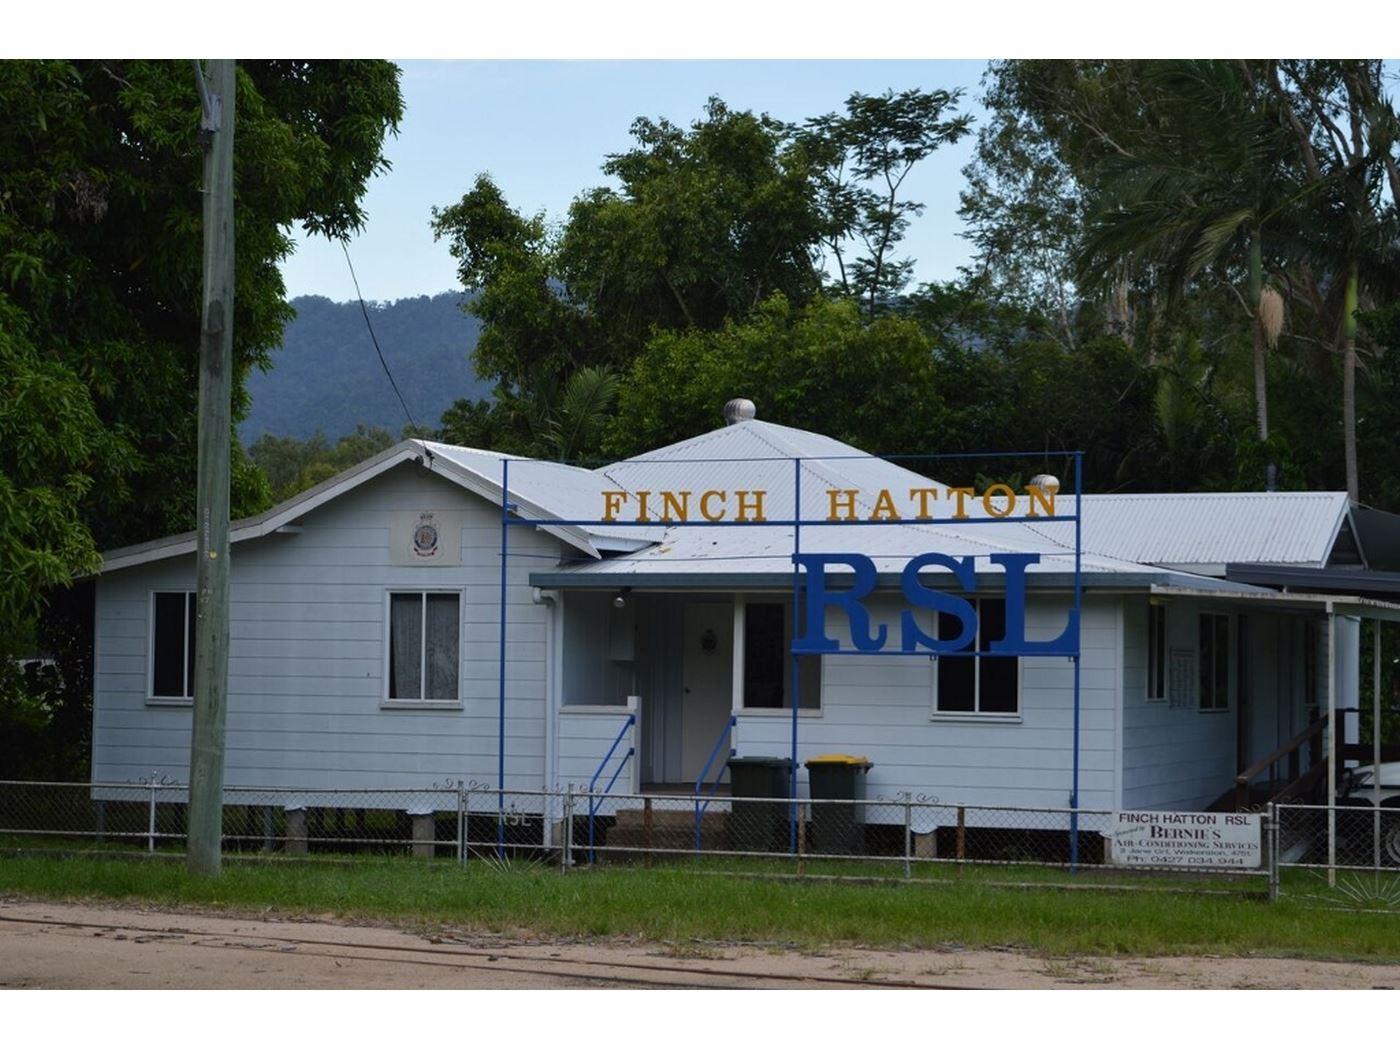 Finch Hatton RSL Sub Branch